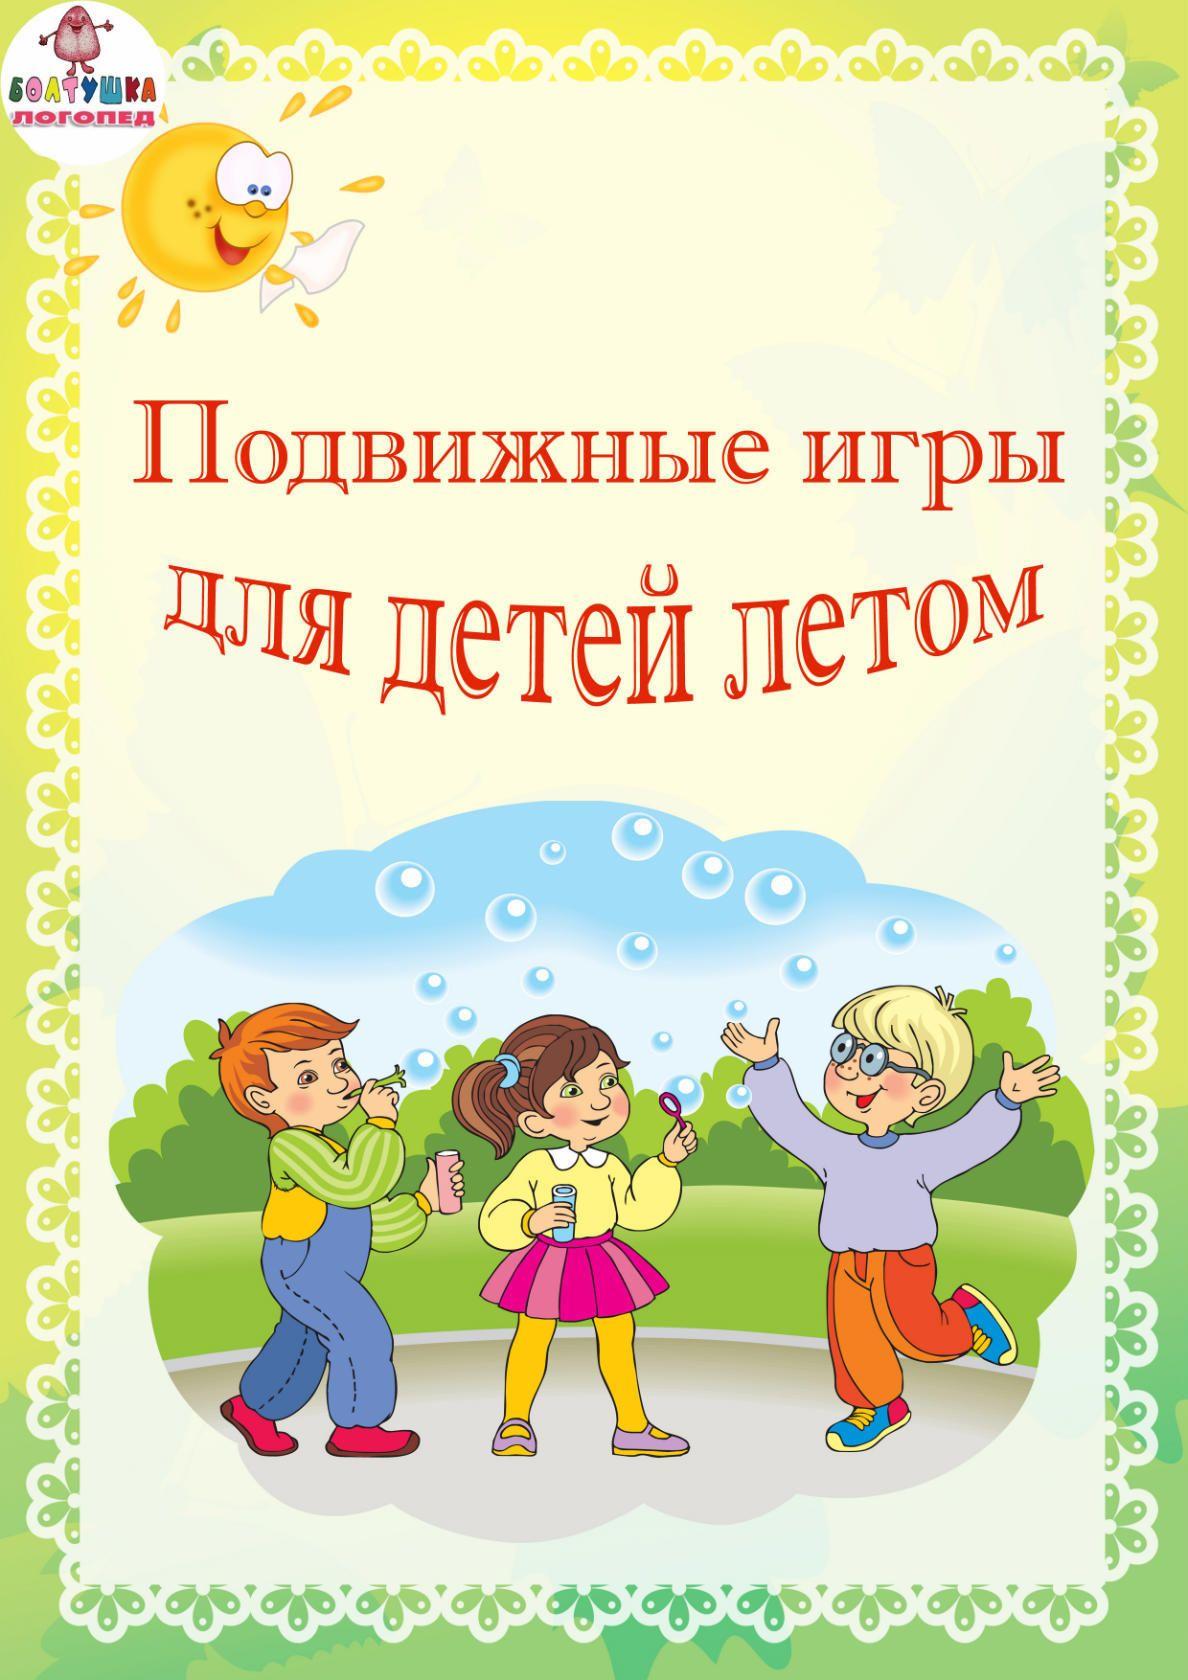 Podvizhnye Igry Dlya Detej Letom Absolventi Podvizhnye Igry Deti